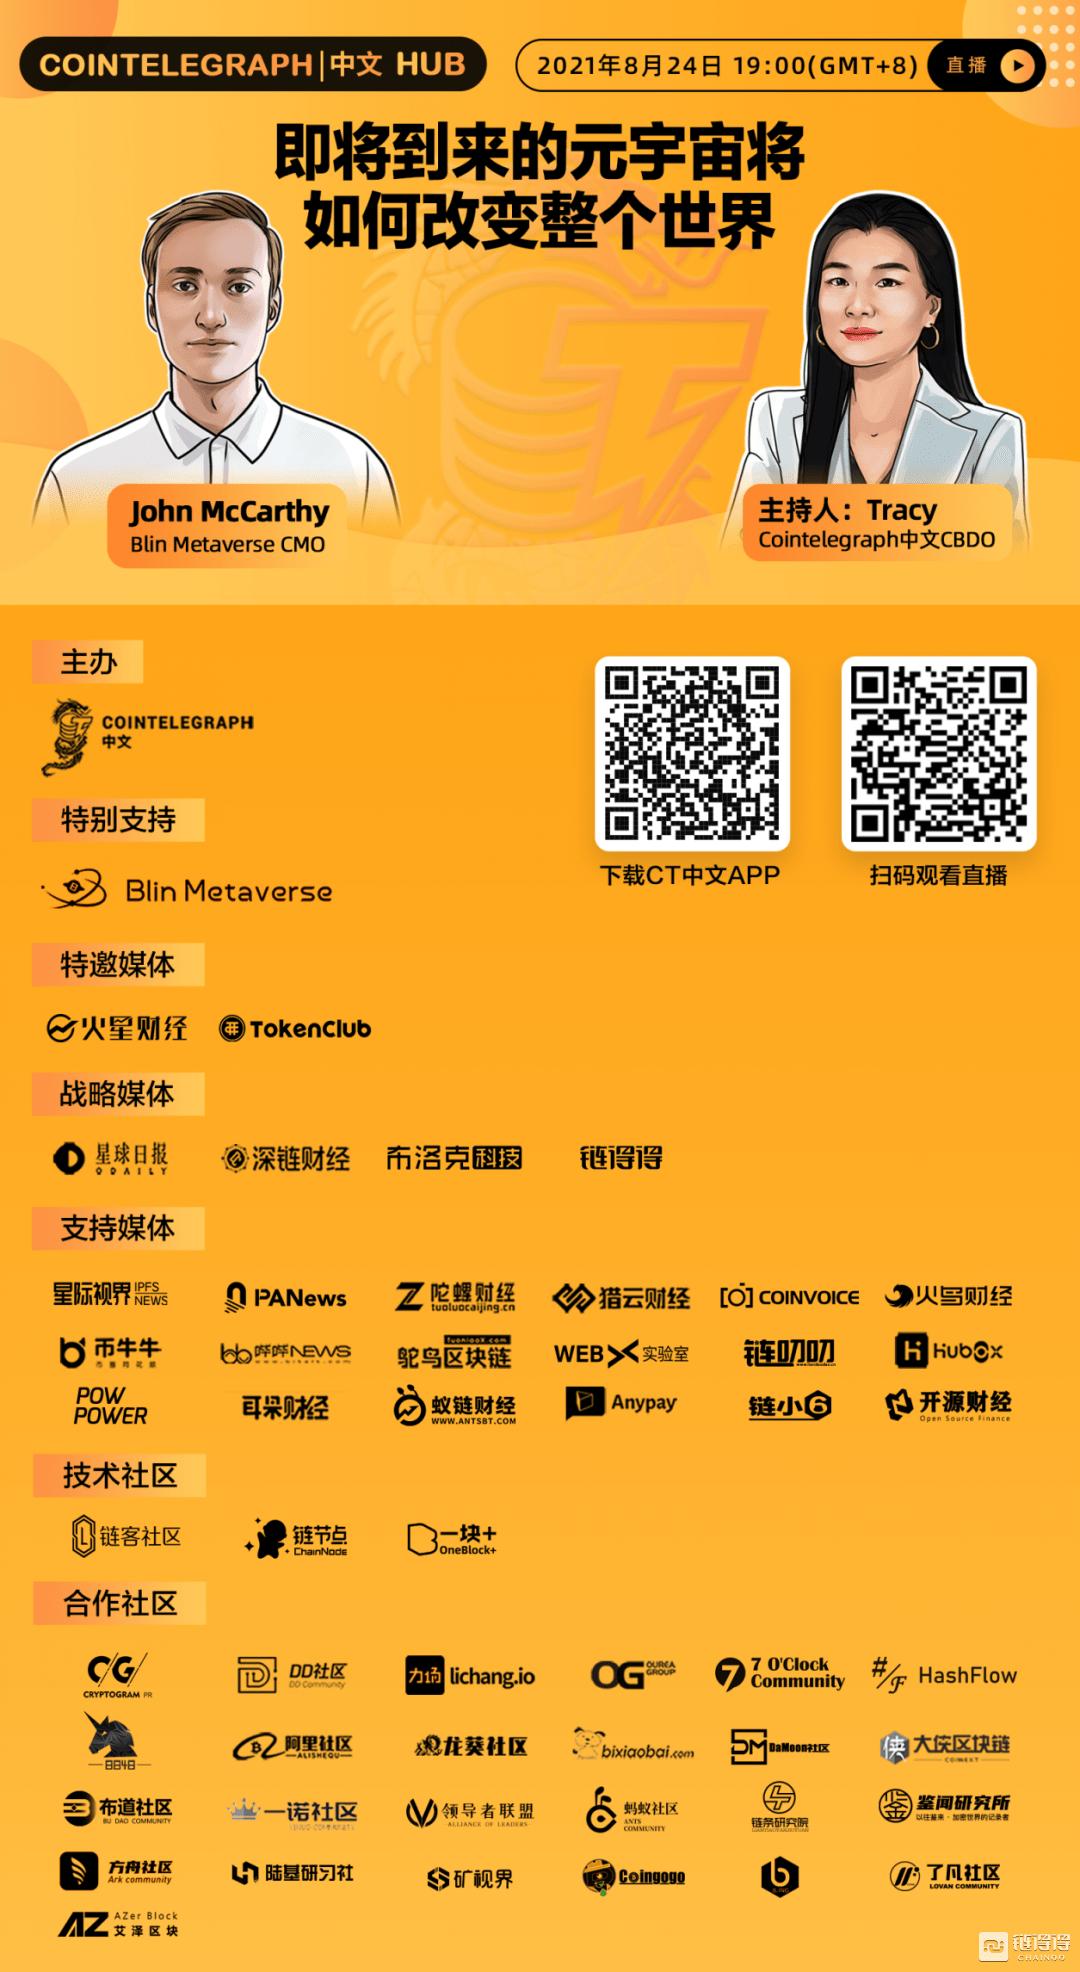 Cointelegraph中文HUB | 即将到来的元宇宙将如何改变整个世界  第1张 Cointelegraph中文HUB | 即将到来的元宇宙将如何改变整个世界 币圈信息